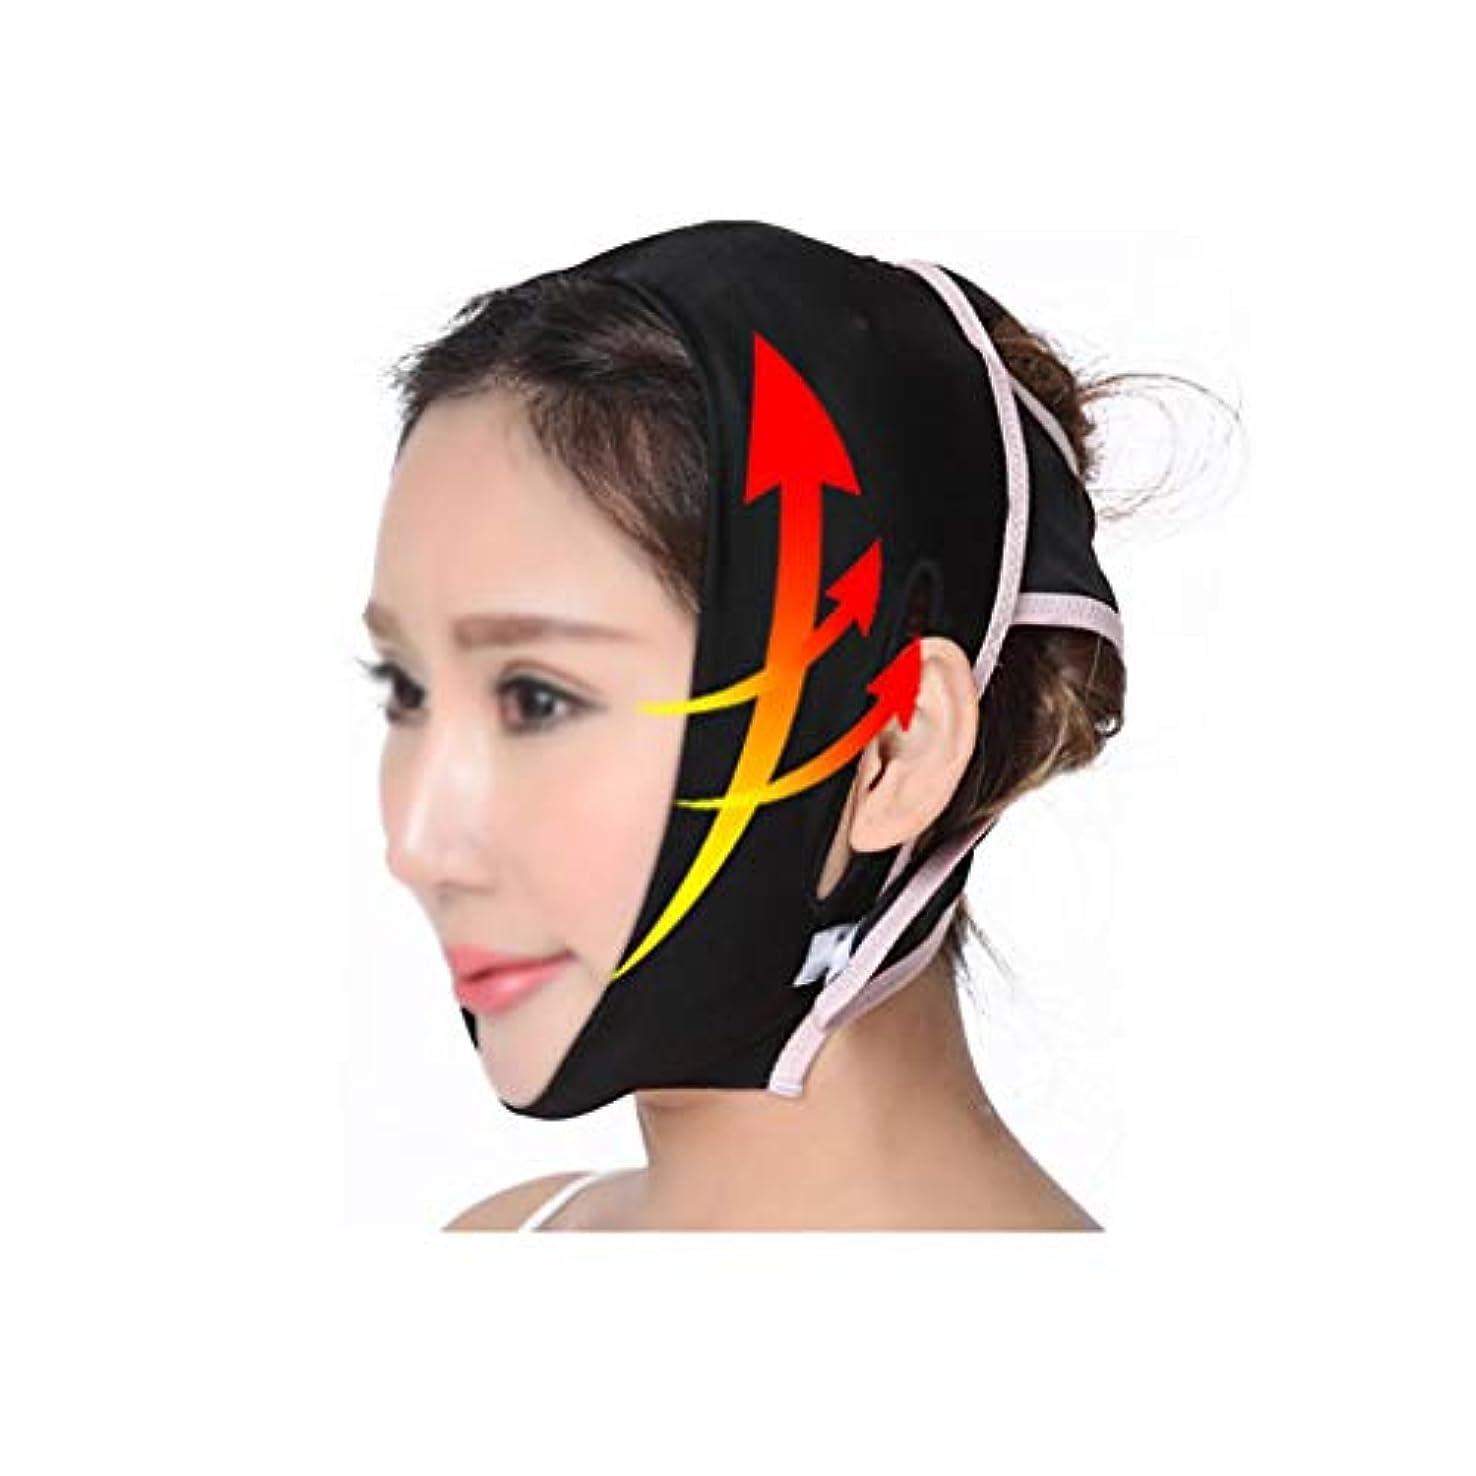 大惨事アイザック役立つフェイスリフトマスク、フェイシャルマスク睡眠顔整形フェイス包帯フェイシャルリフティングVフェイスフェイスアーチファクト回復通気性ネックストラップ (Size : L)